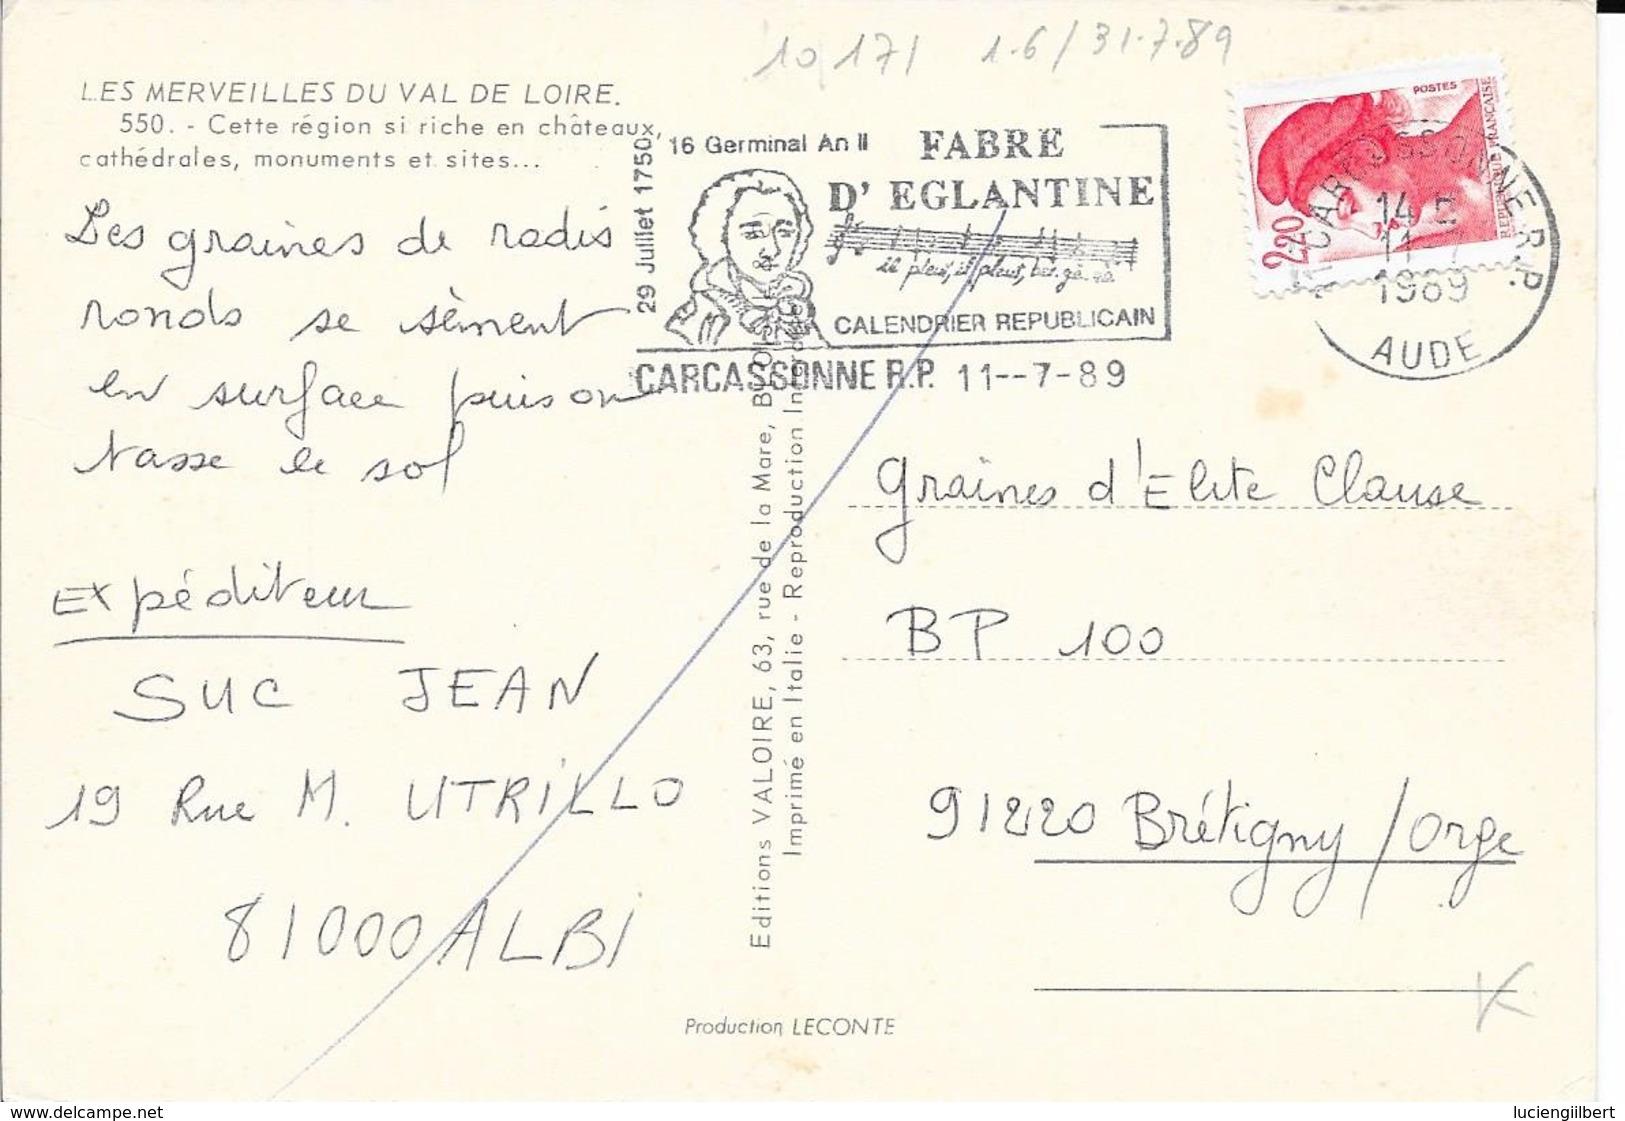 AUDE 11  - CARCASSONNE  -  FLAMME N° 1871  - VOIR DESCRIPTION  -  1989 -  THEME ANNIVERSAIRE - Marcophilie (Lettres)